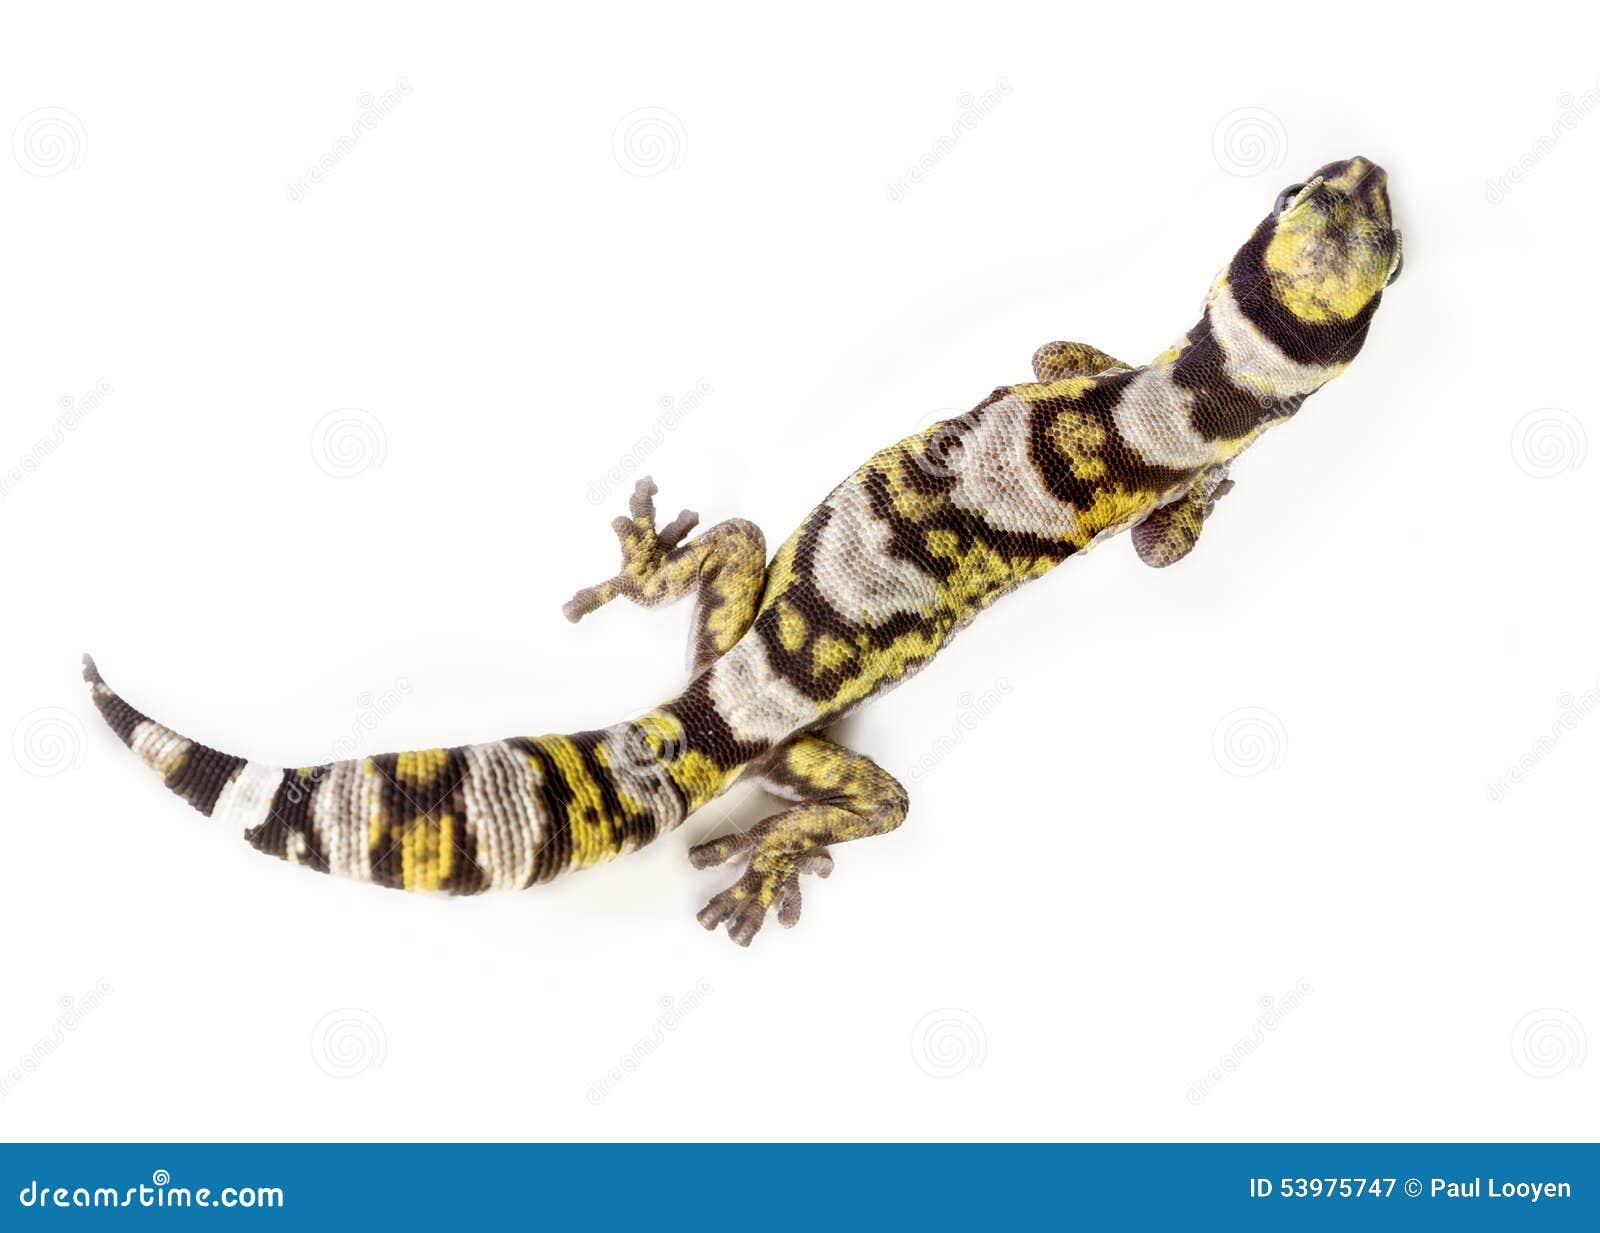 Bästa gecko